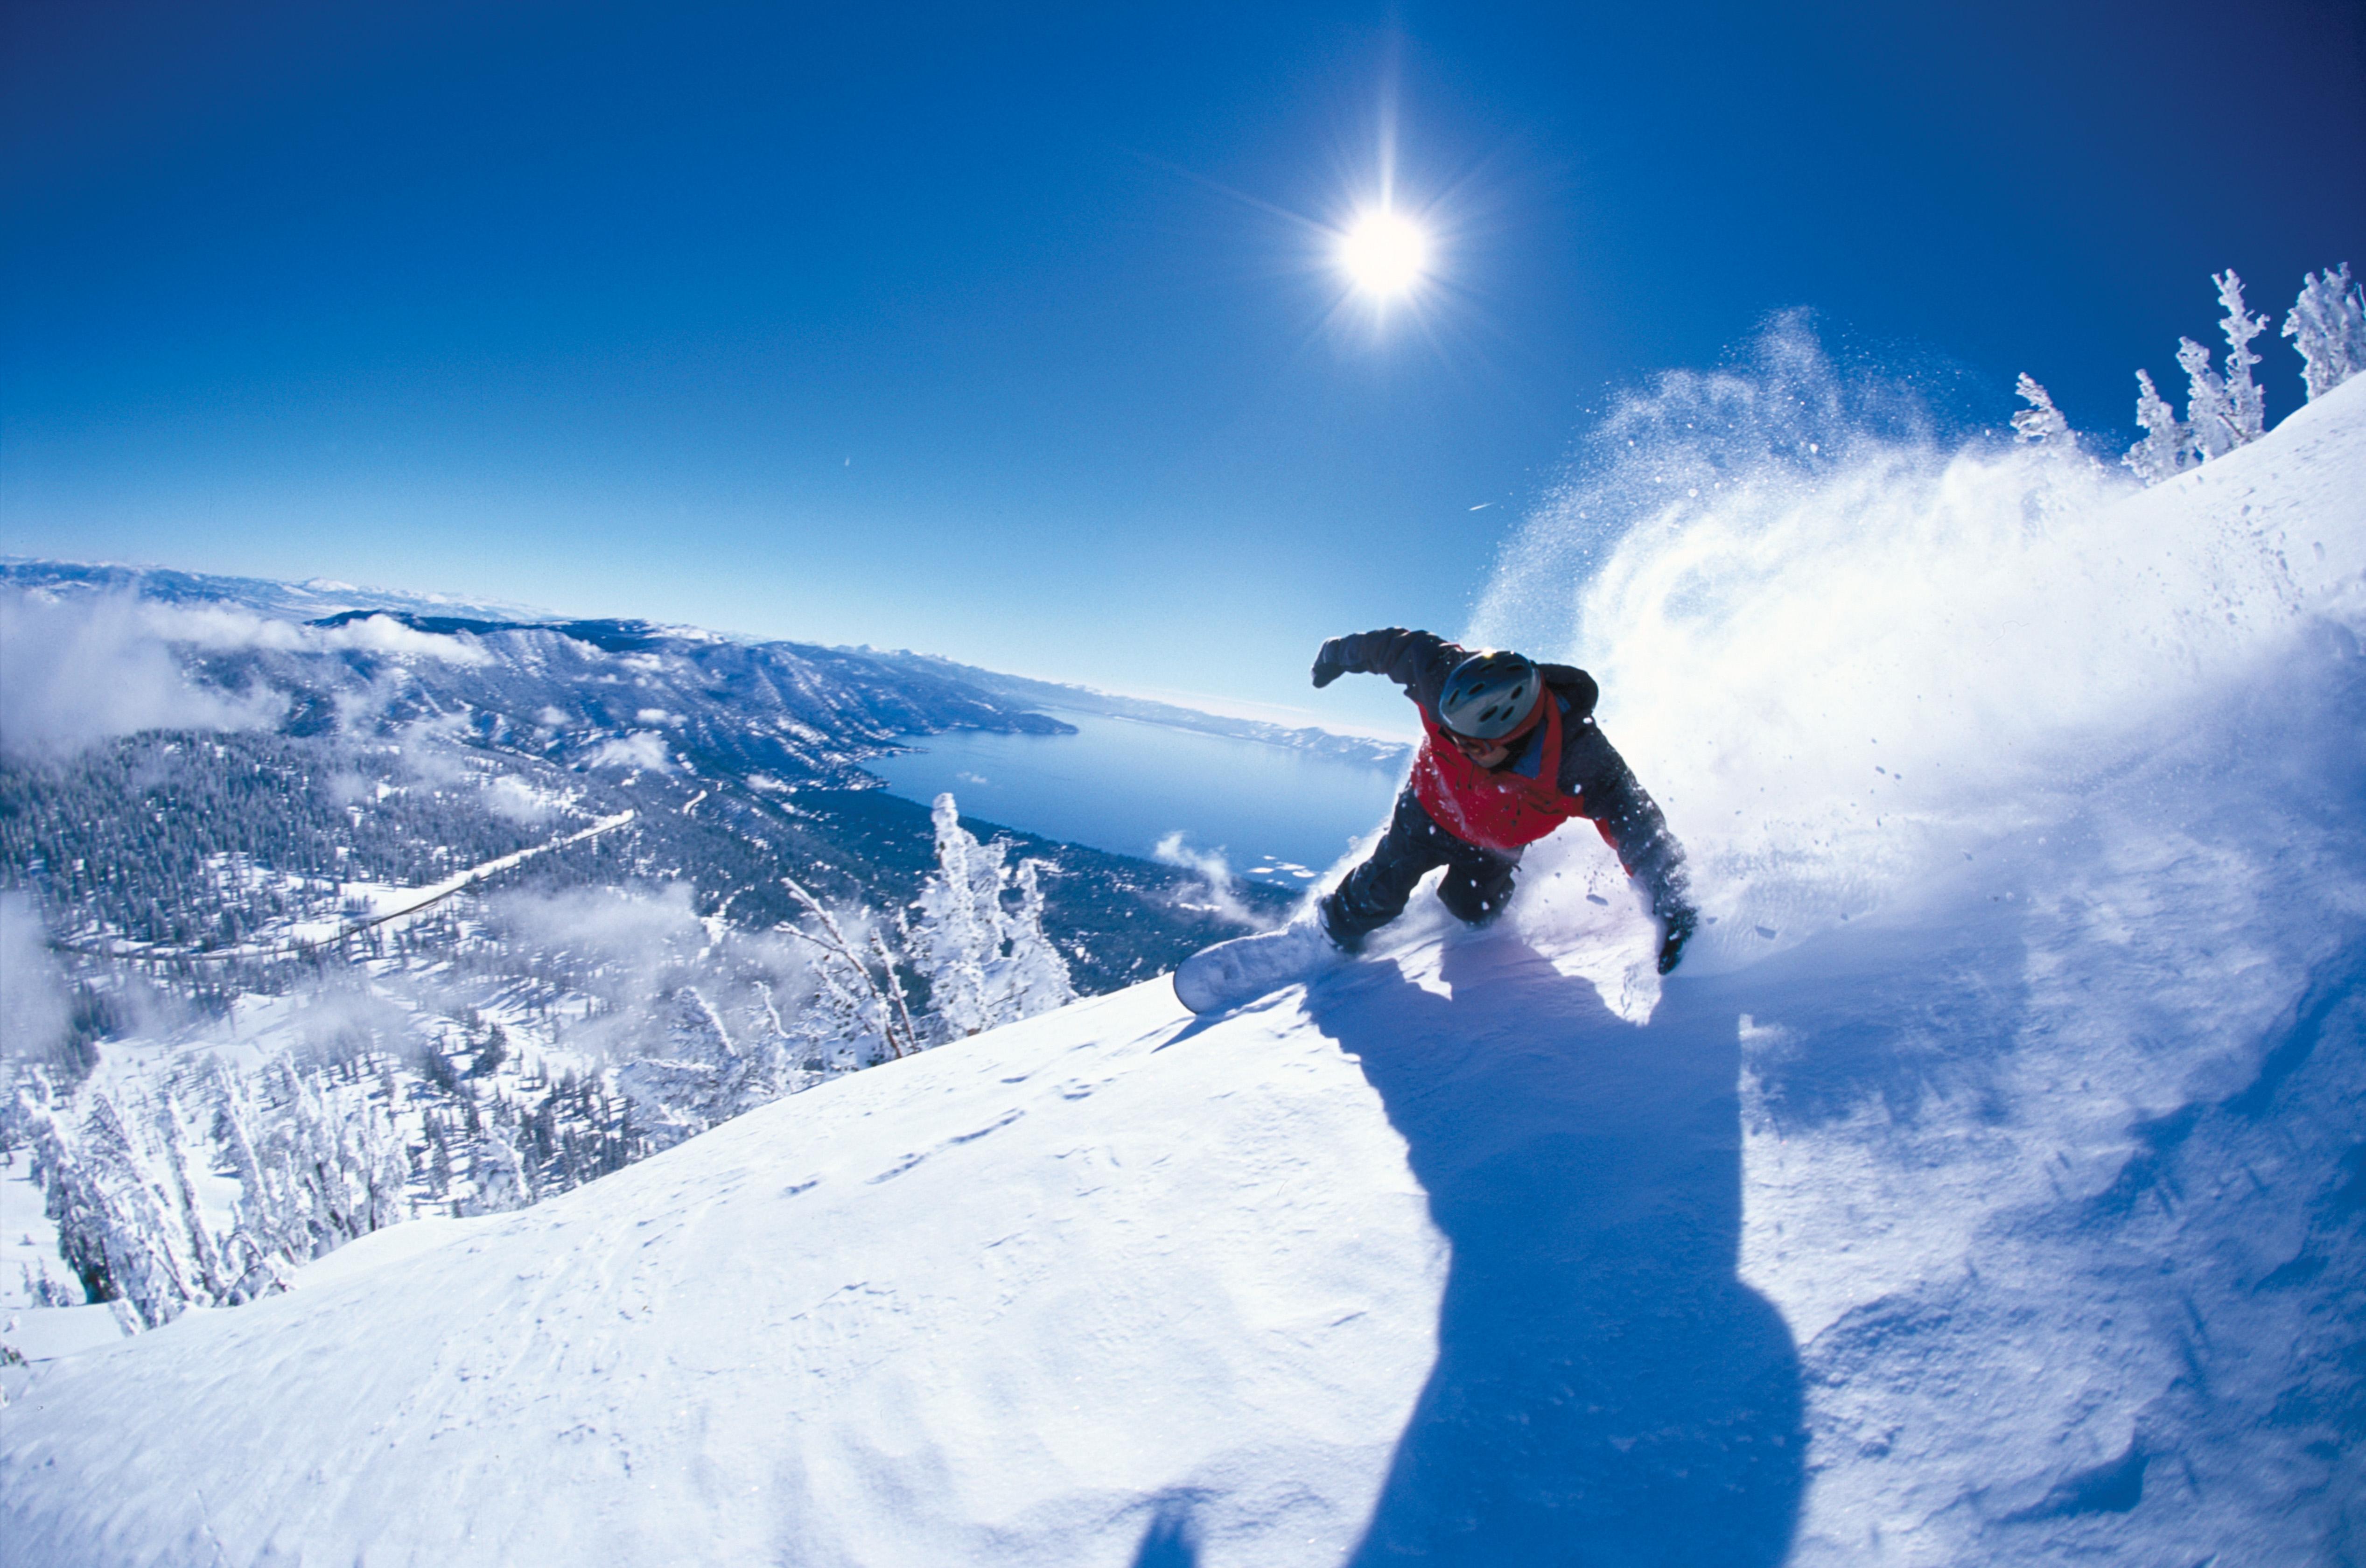 Cool skiing wallpaper wallpapersafari - Ski wallpaper ...